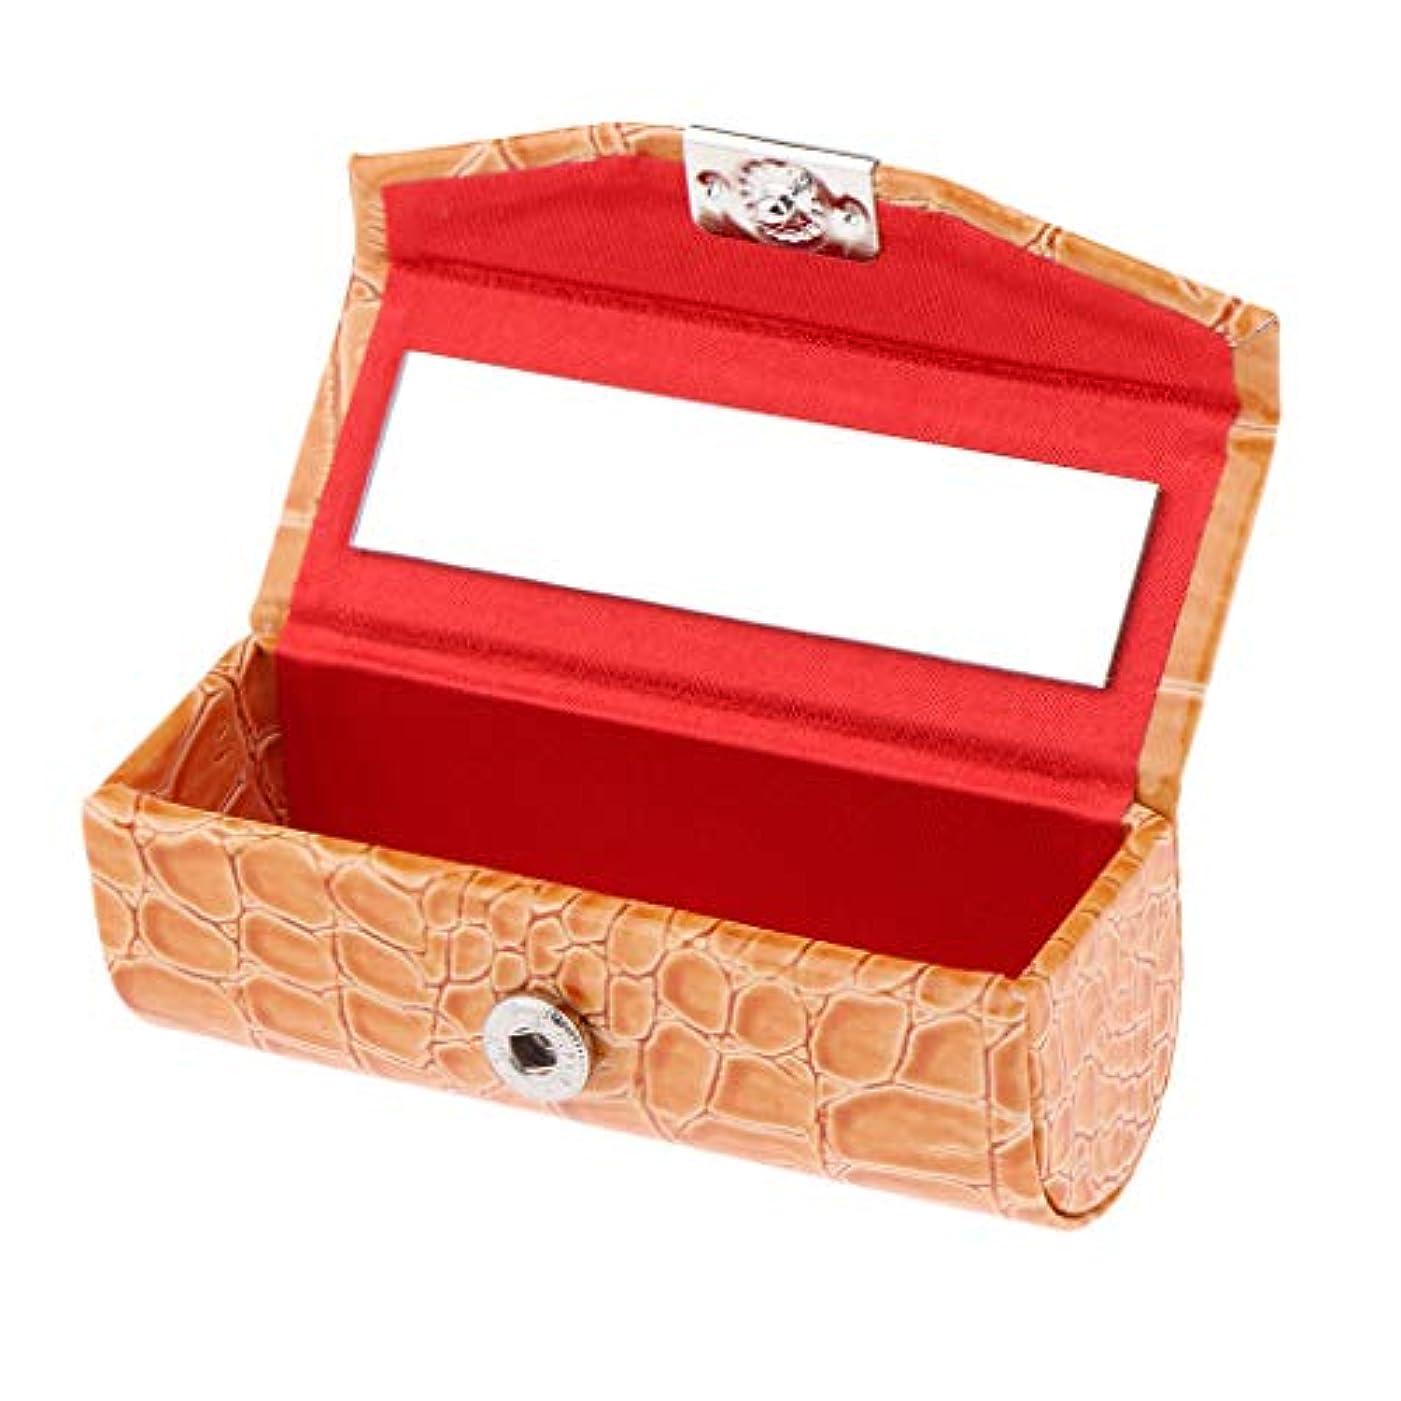 鬼ごっこ競う約F Fityle リップスティックケース 口紅 ホルダー レザー 財布 ミラー 収納ボックス 多色選べ - オレンジ